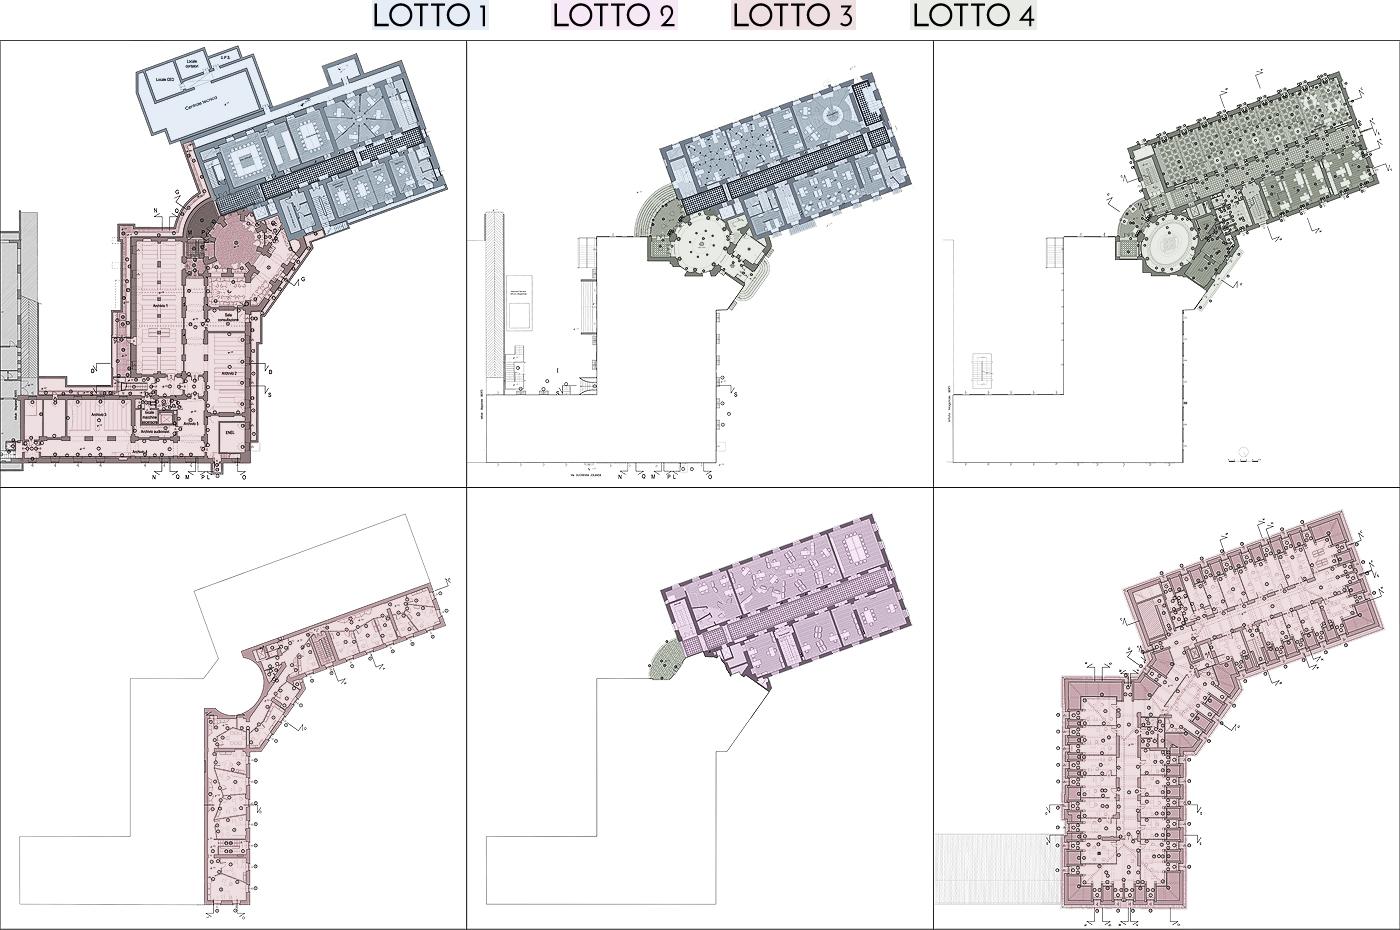 Restauro e trasformazione in uffici di un palazzo ottocentesco. Piante e lotti funzionali | Bottega di Architettura